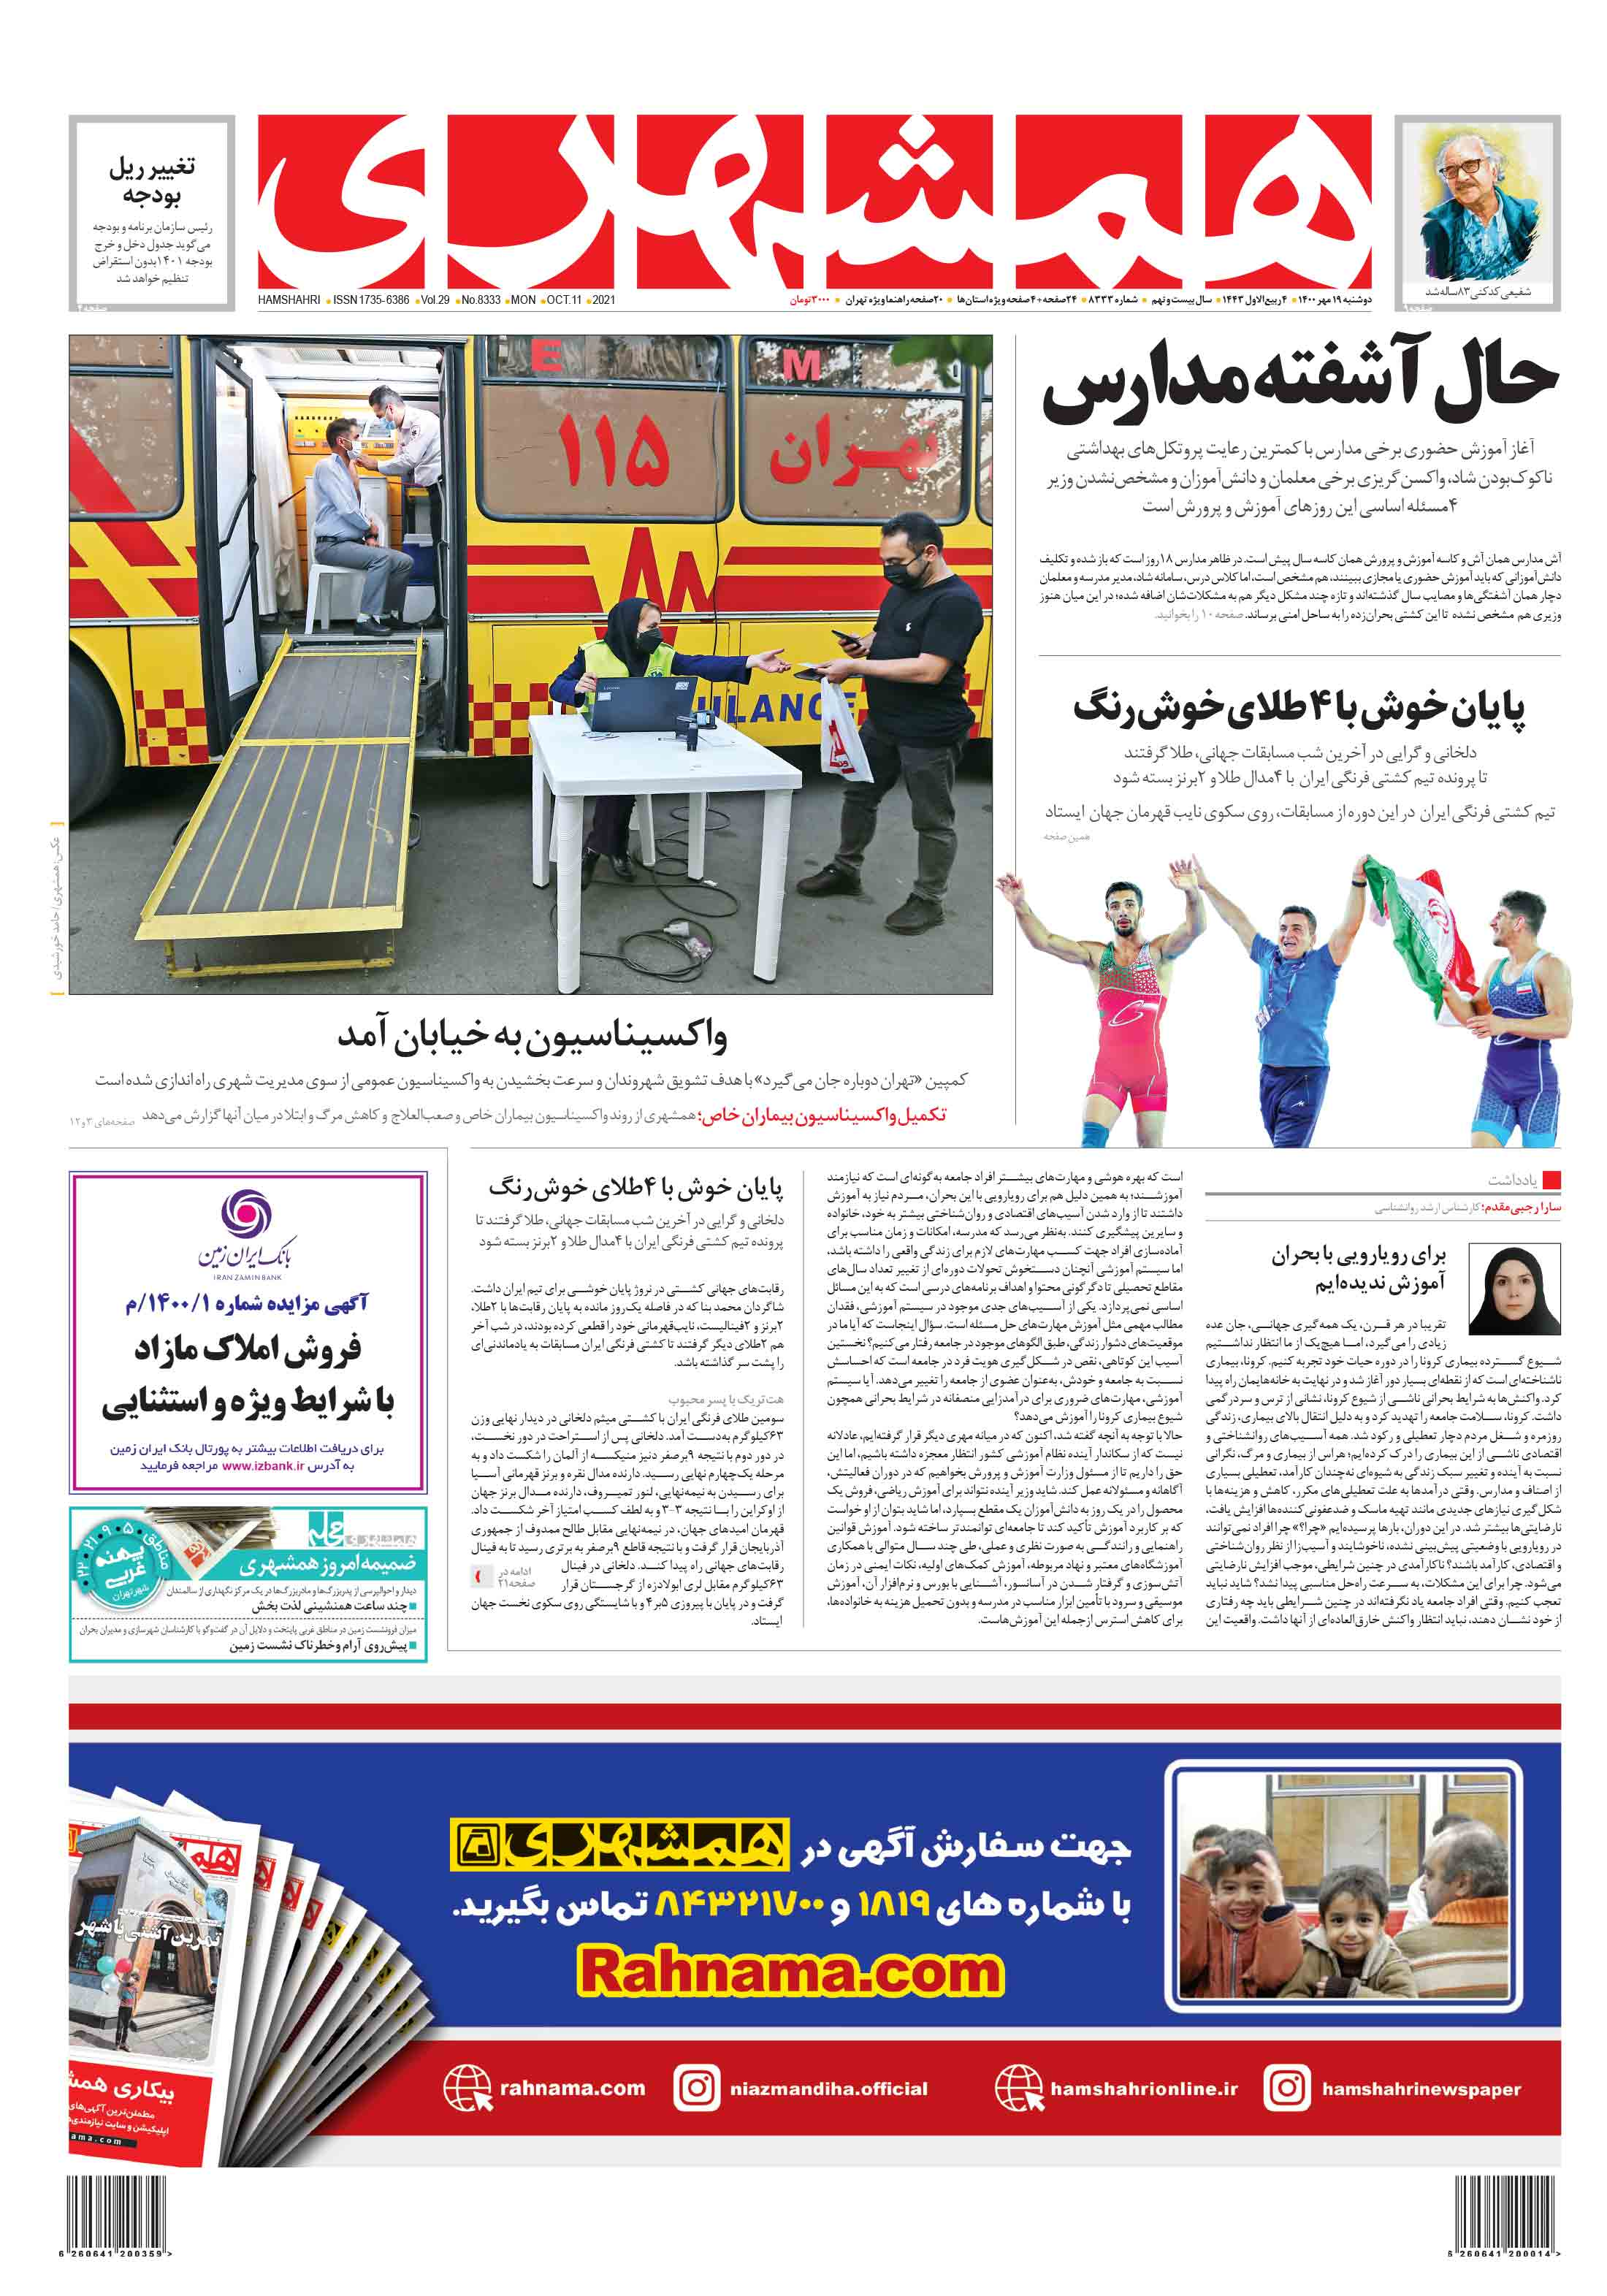 صفحه اول دوشنبه 19 مهر 1400